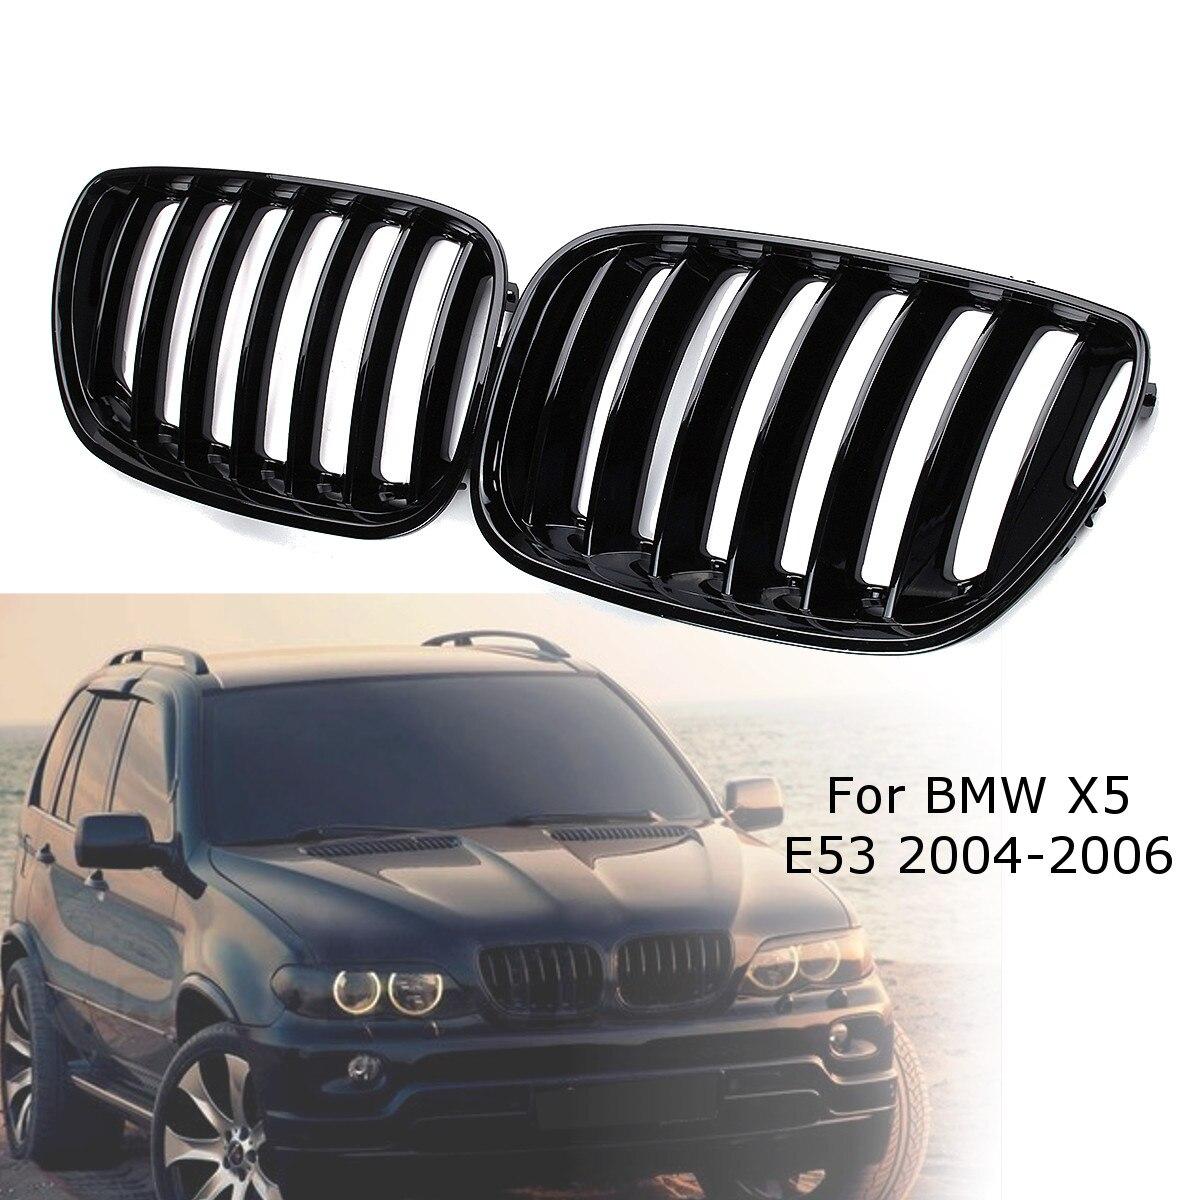 2Pcs Gloss Black Car Frente Grill Grelhas Renais Direita & Esquerda para BMW X5 E53 2004 2005 2006 ABS 51137124815 51137124816